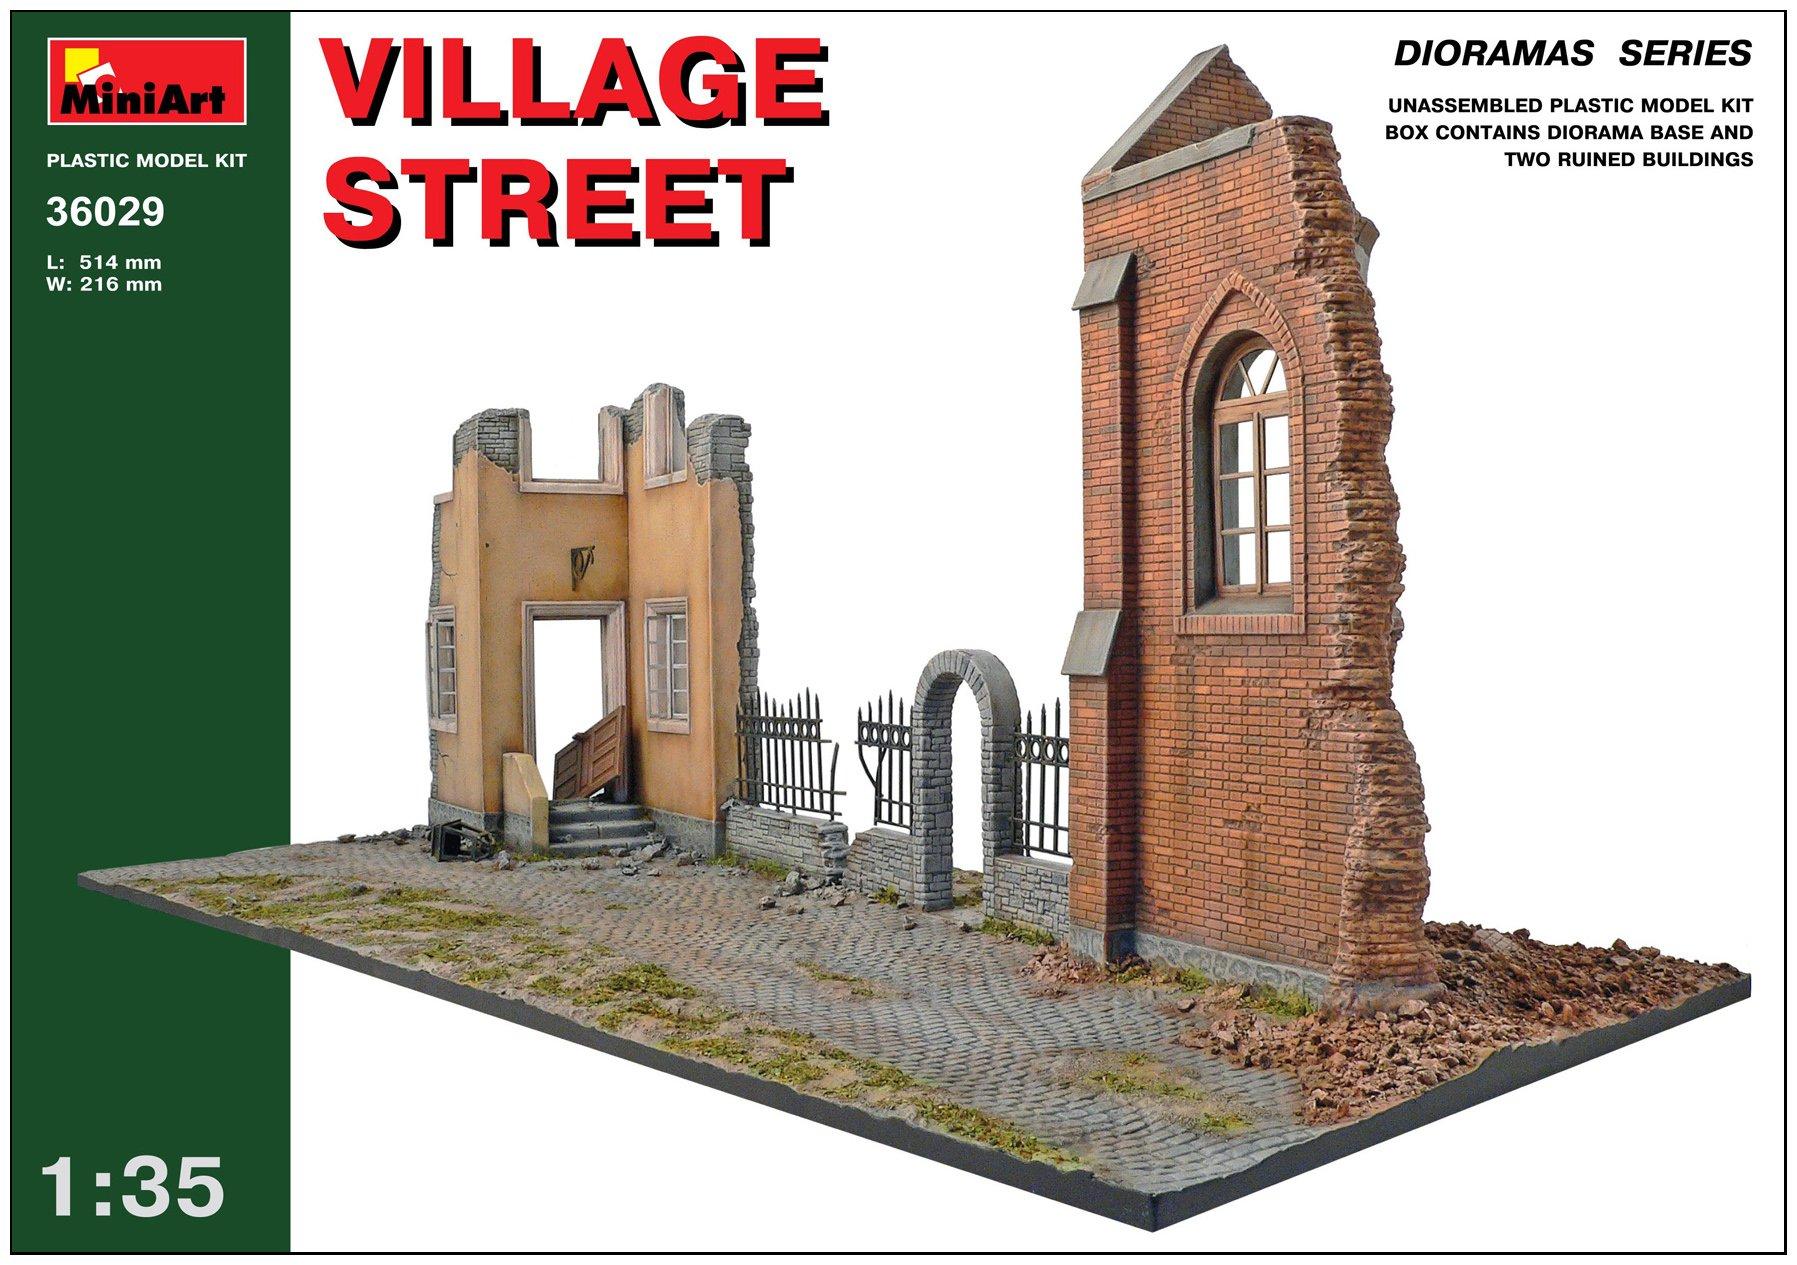 Mini Art Plastics Village Street